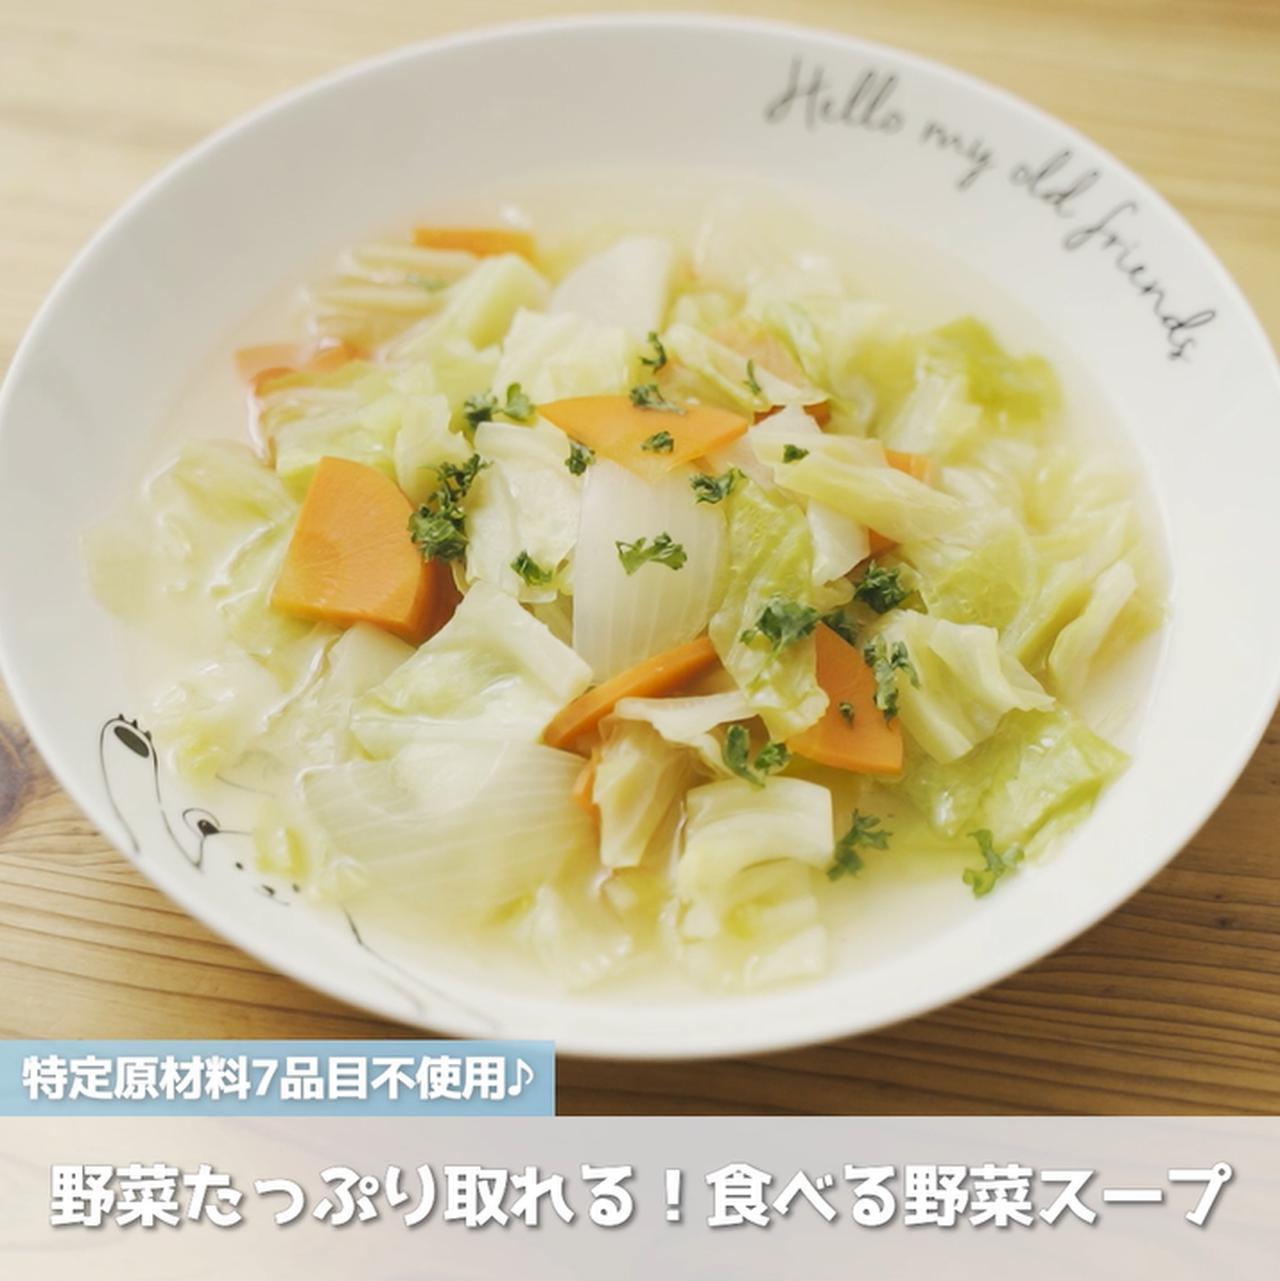 画像: 野菜たっぷり取れる!食べる野菜スープ - 君とごはん